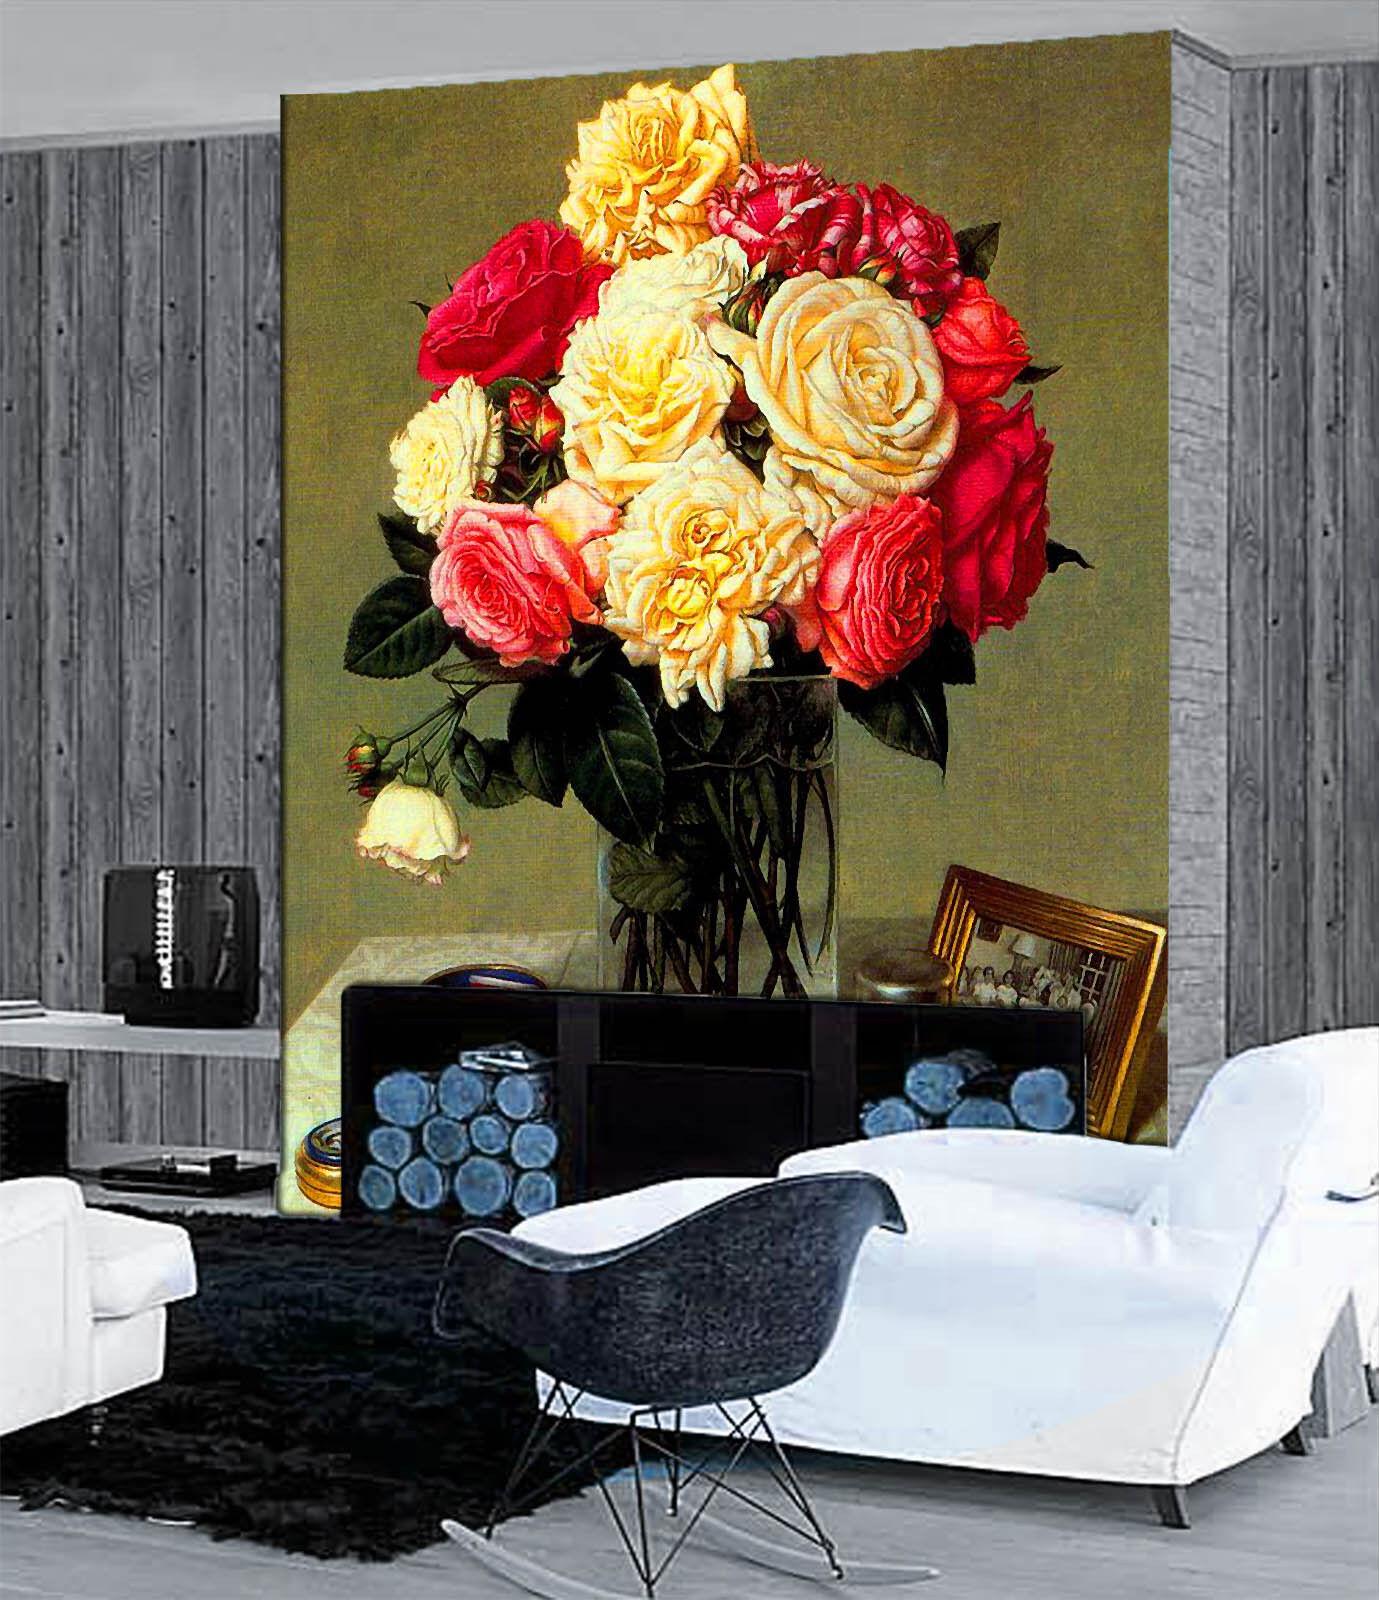 3D Vasen, bilderrahmen 7655 Fototapeten Wandbild Fototapete BildTapete Familie